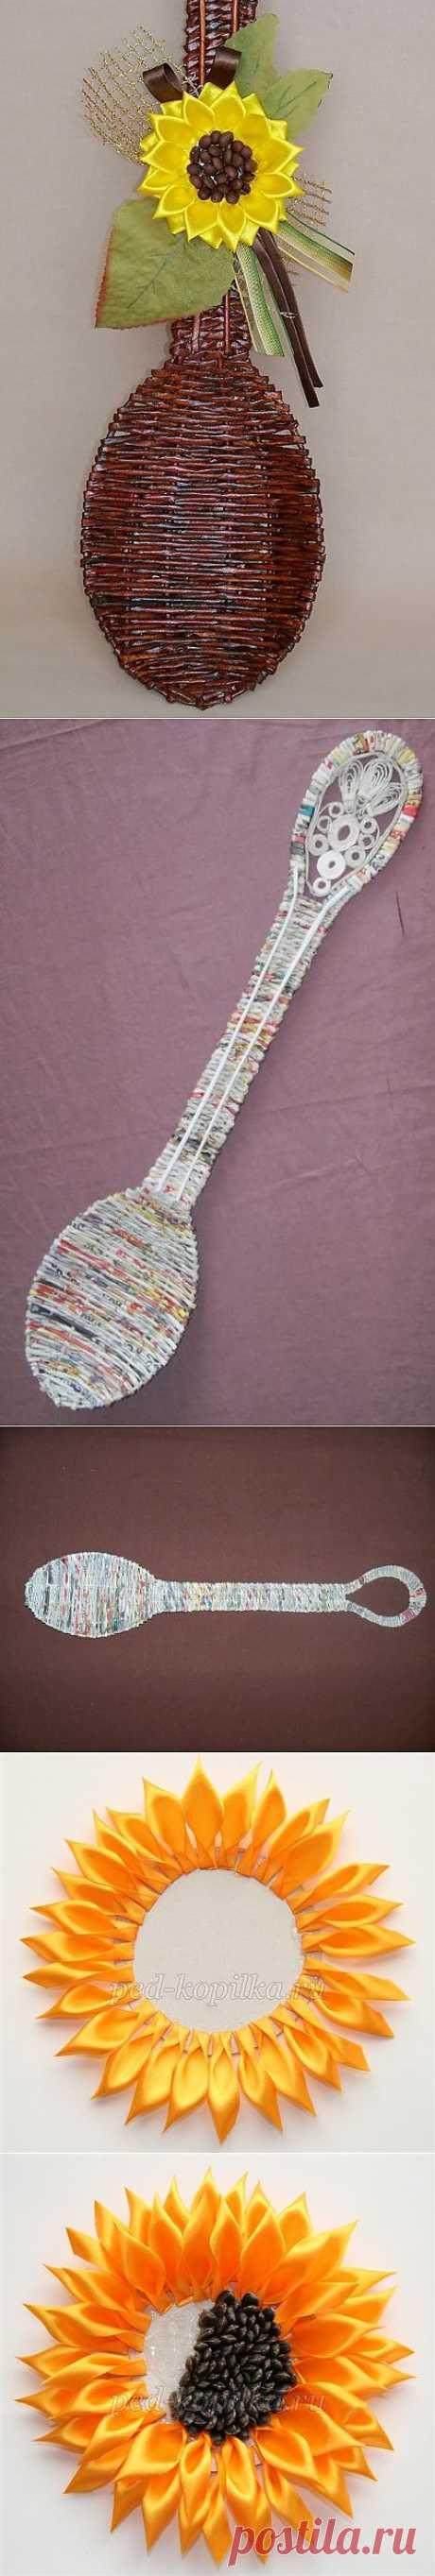 Плетение из газет. Декоративная ложка с подсолнухом в технике канзаши.